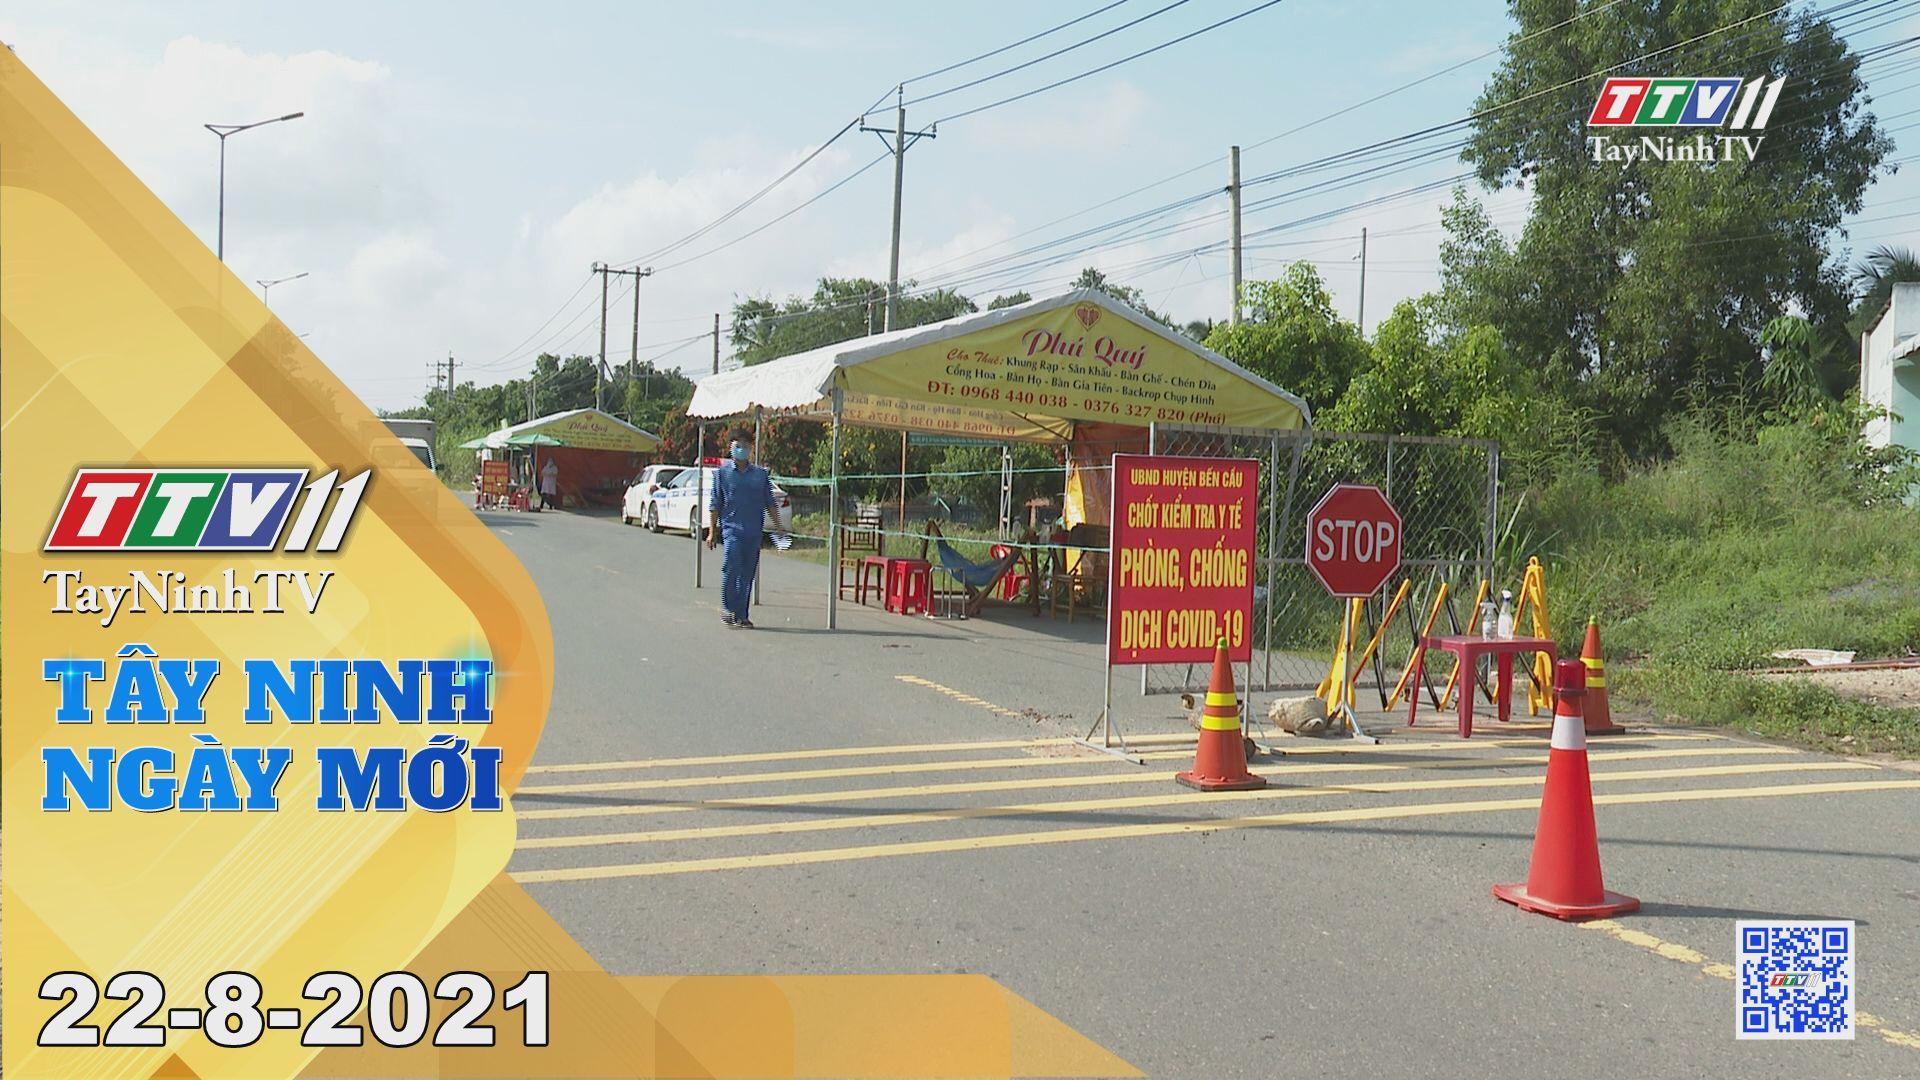 Tây Ninh Ngày Mới 22-8-2021 | Tin tức hôm nay | TayNinhTV